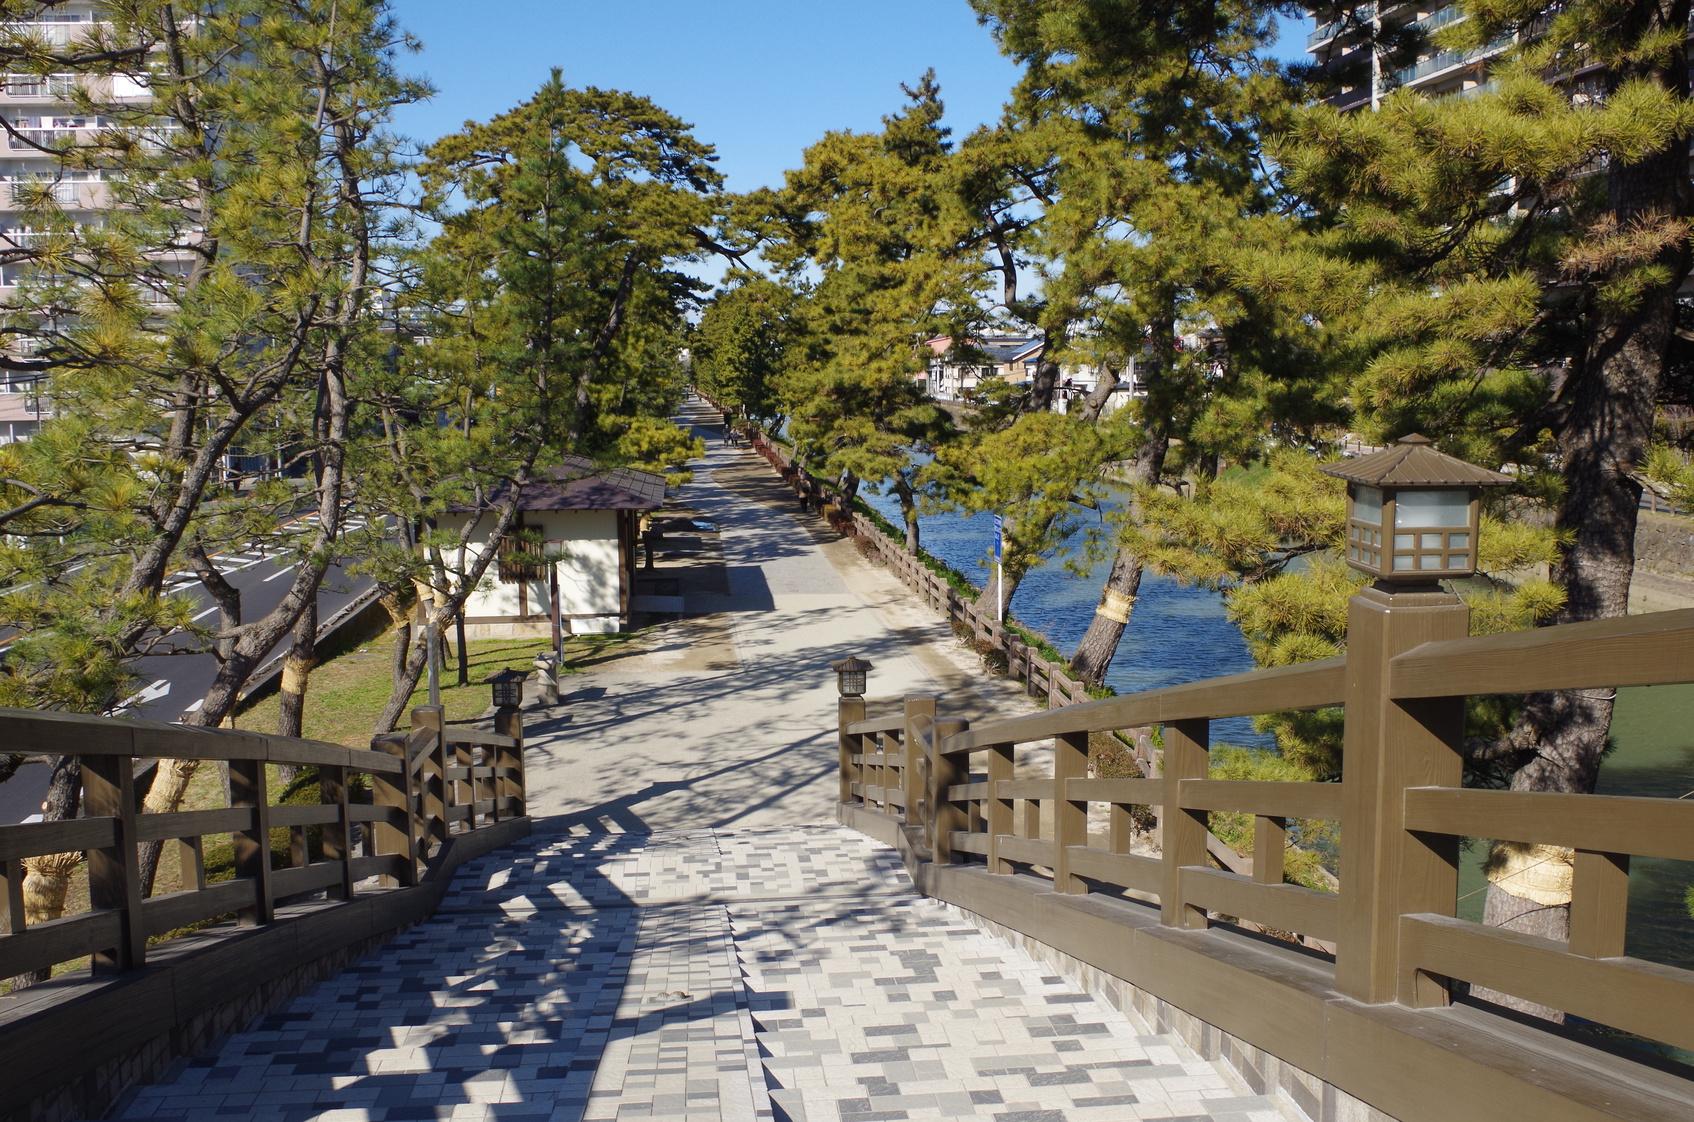 埼玉県草加市で特殊清掃を依頼する前に知っておくべきこと